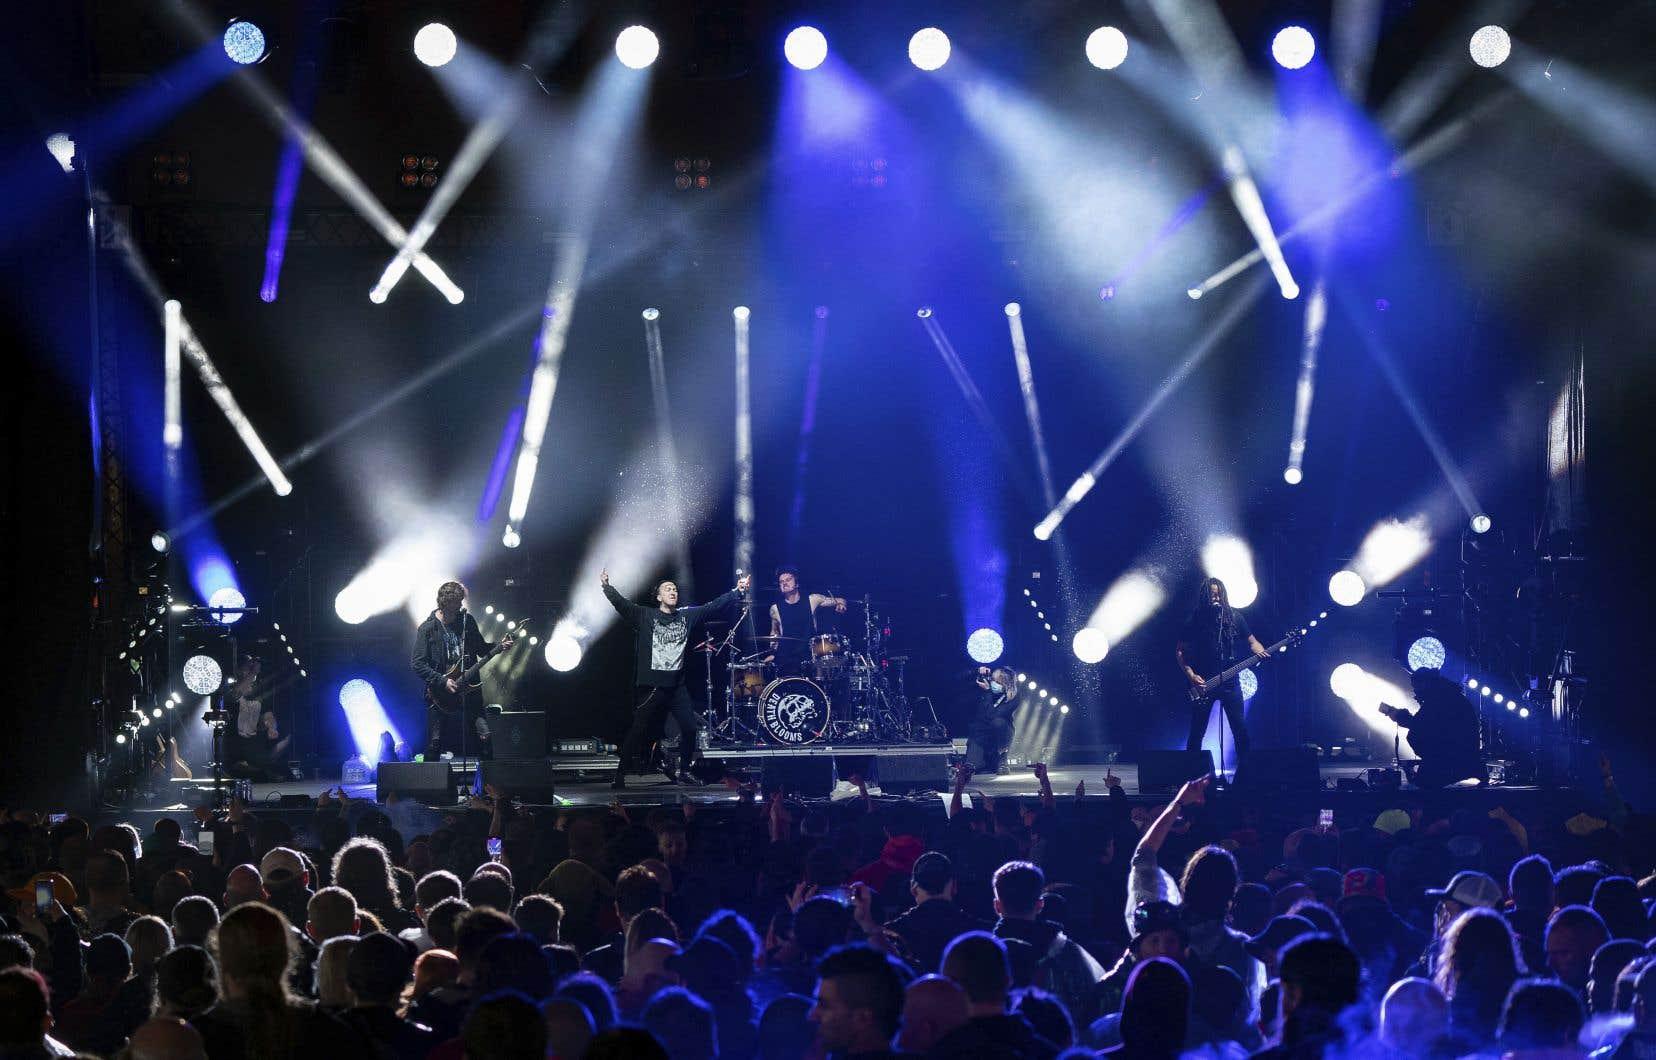 Des événements «live» comme la cérémonie des Brit Awards, le Download Festival ou des matchs de football au stade de Wembley ont été utilisés pour évaluer la sécurité des rassemblements de masse en temps de pandémie.